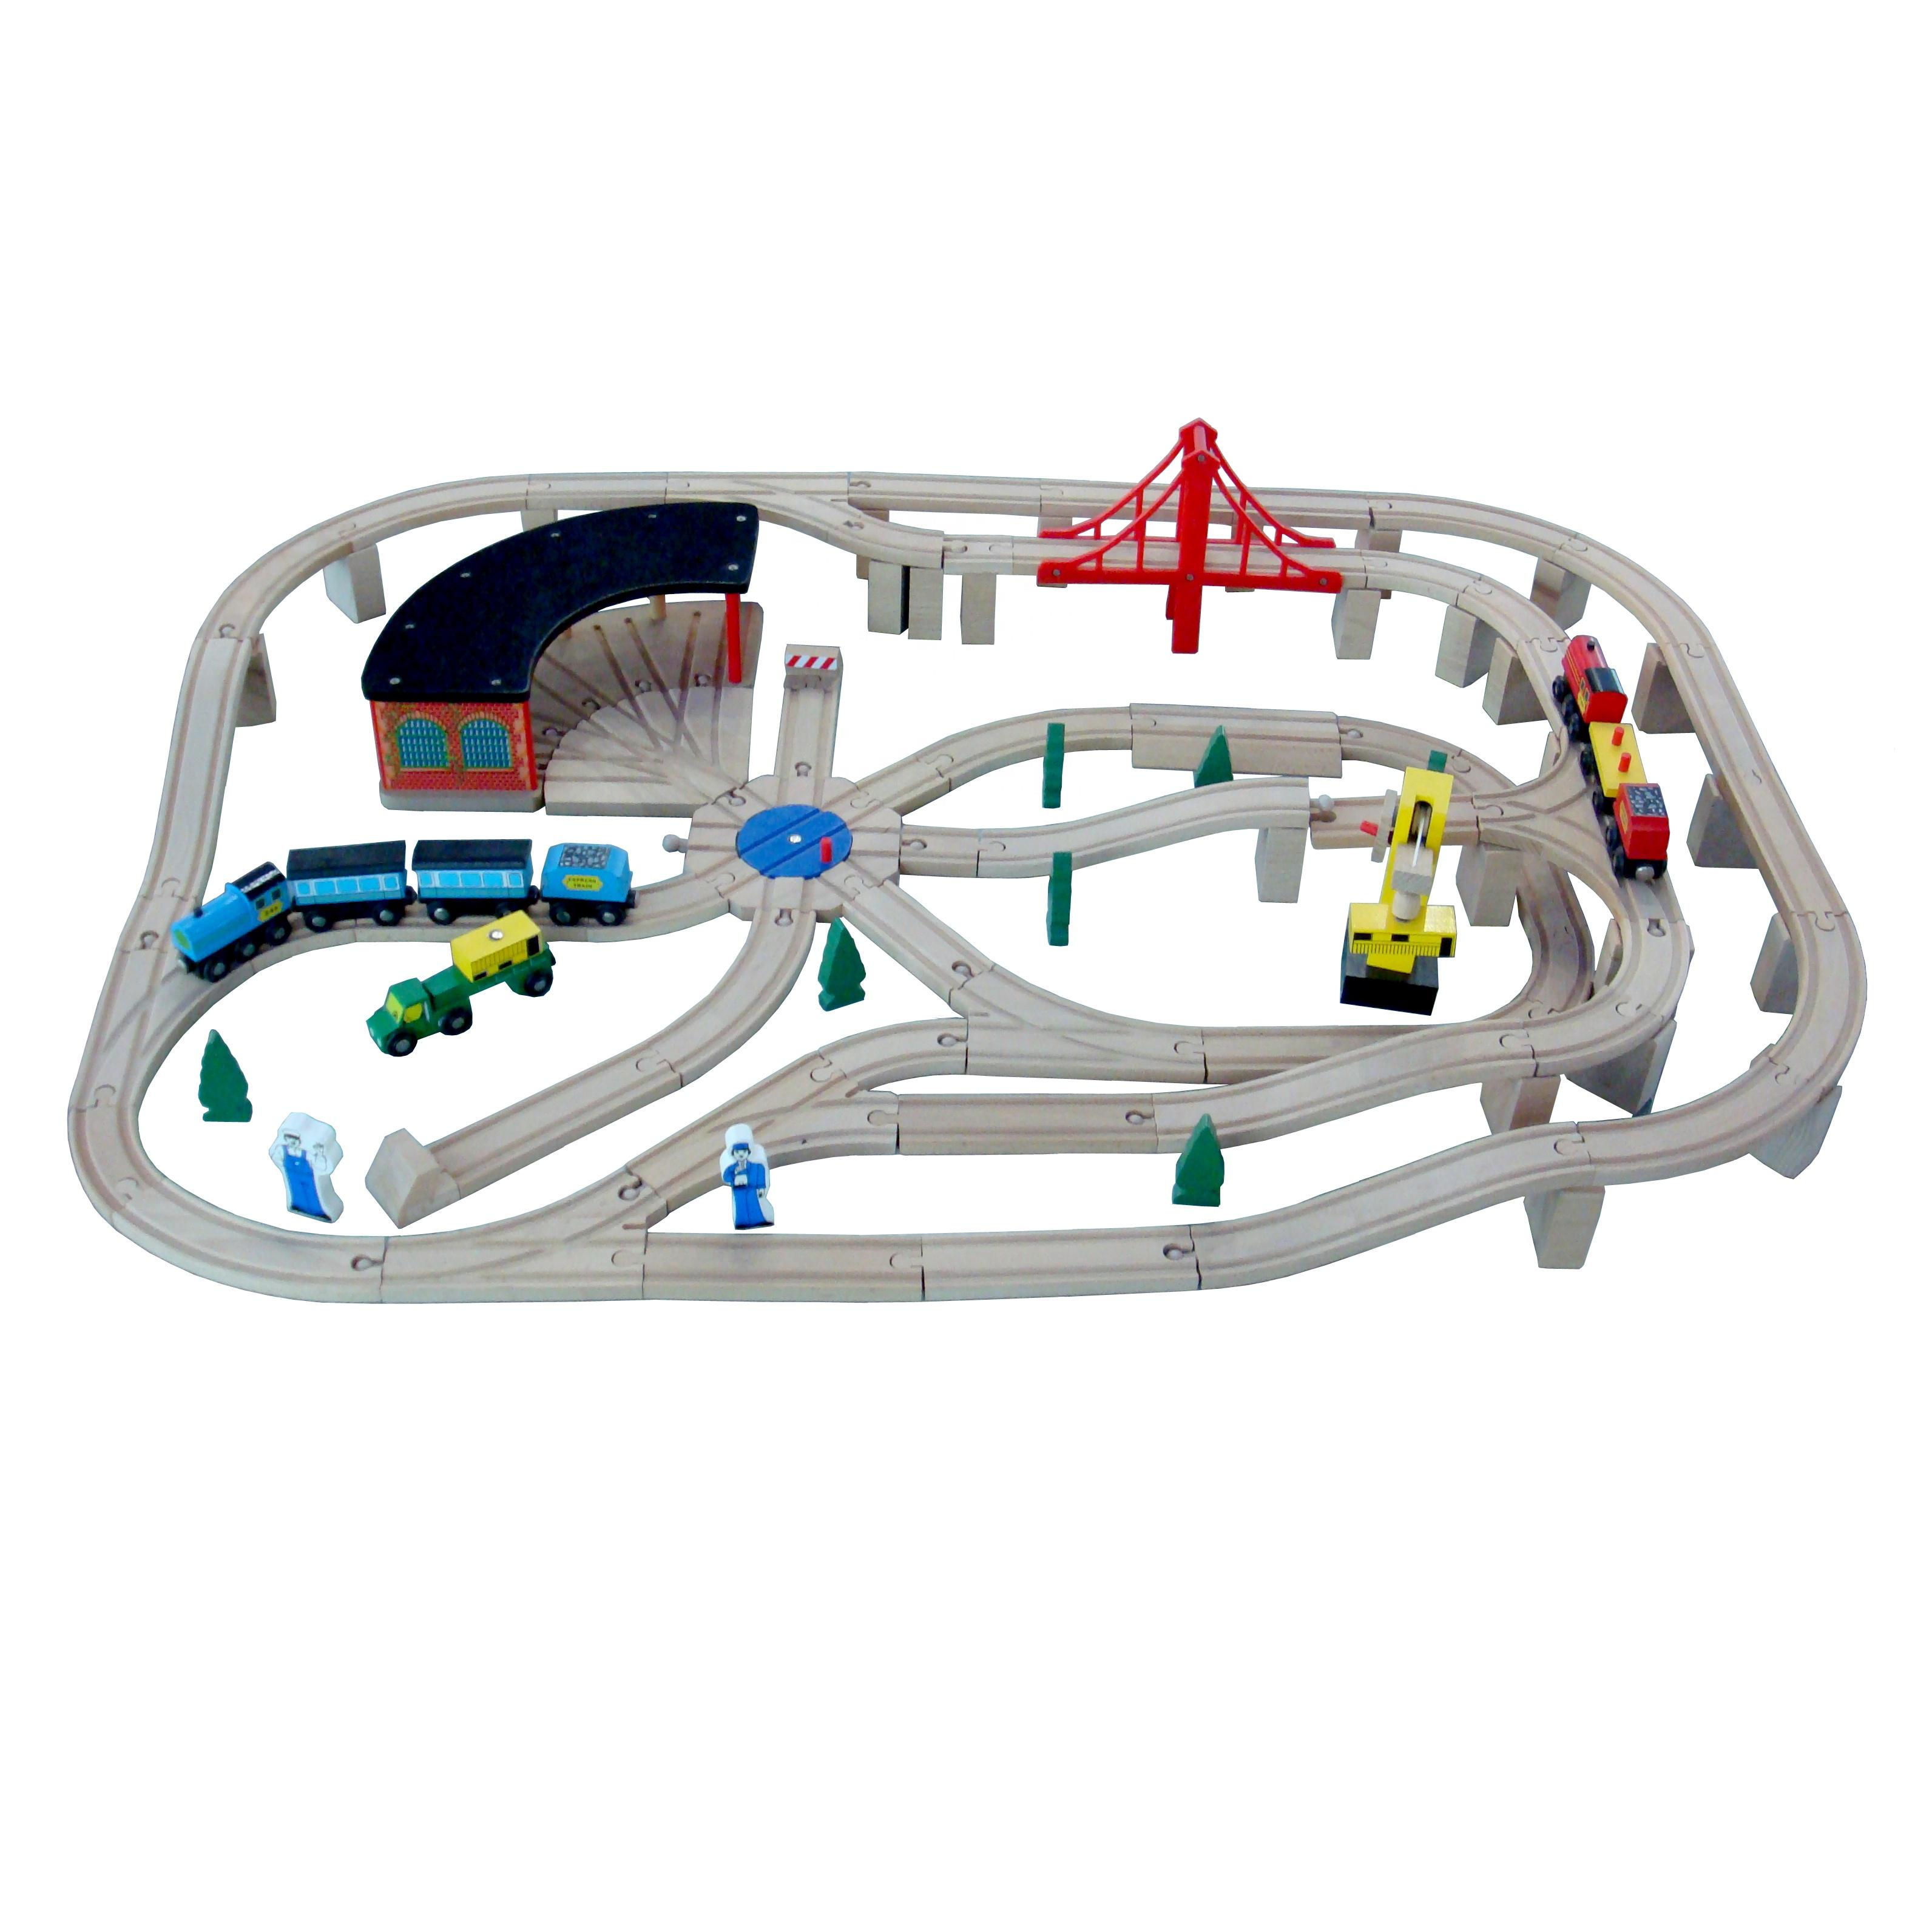 Деревянный набор поездов, популярная модель поезда, 3d поезд, симулятор вождения, игры с орбитами для детей